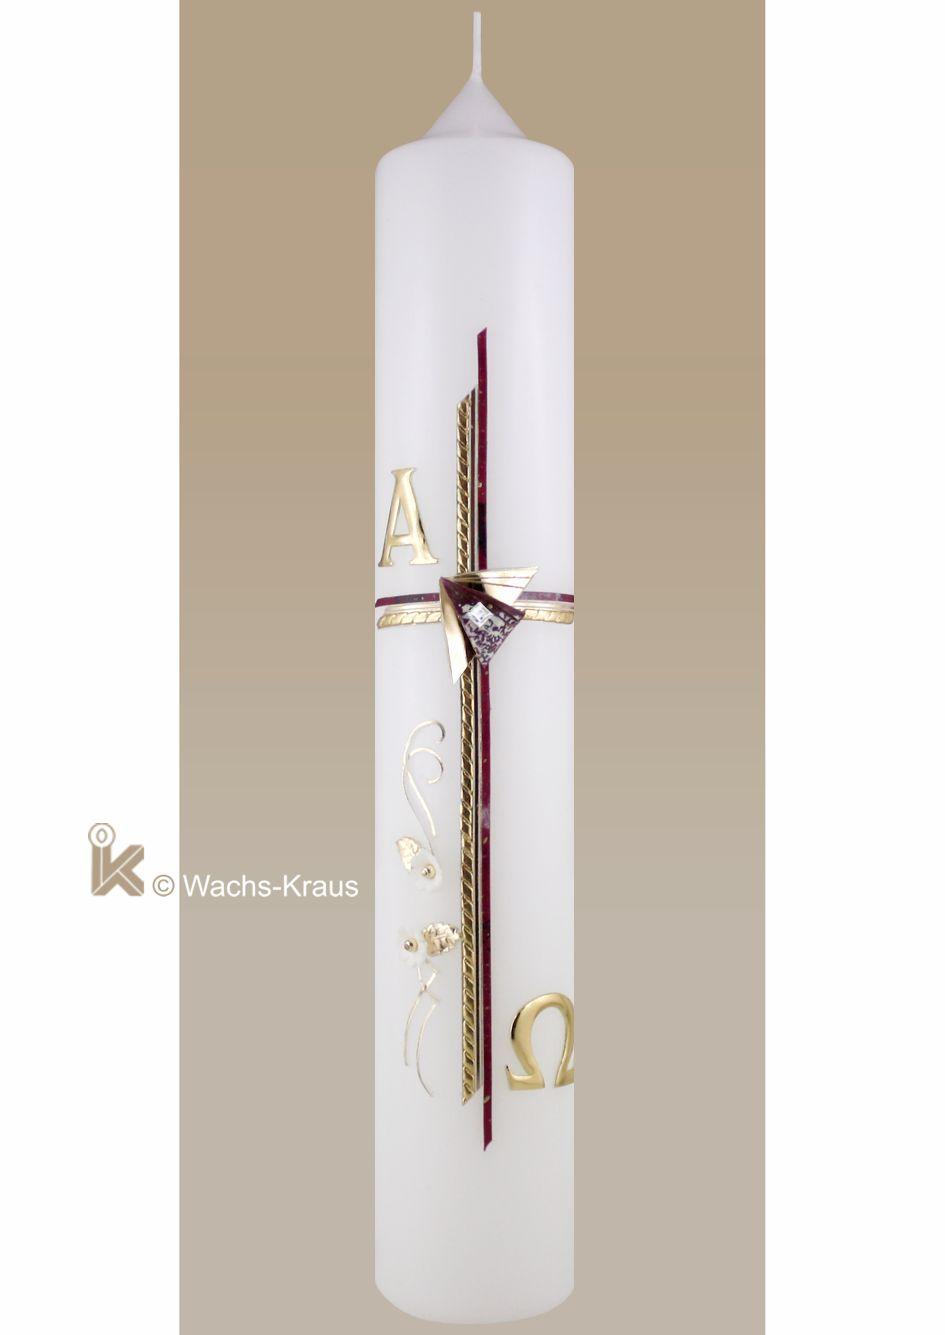 Eine moderne Taufkerze für Mädchen. Das dreifach gelegte Kreuz, einmal in Rot marmoriert und mit einer Goldborte, dazu eine Ranke mit weißen Blüten.